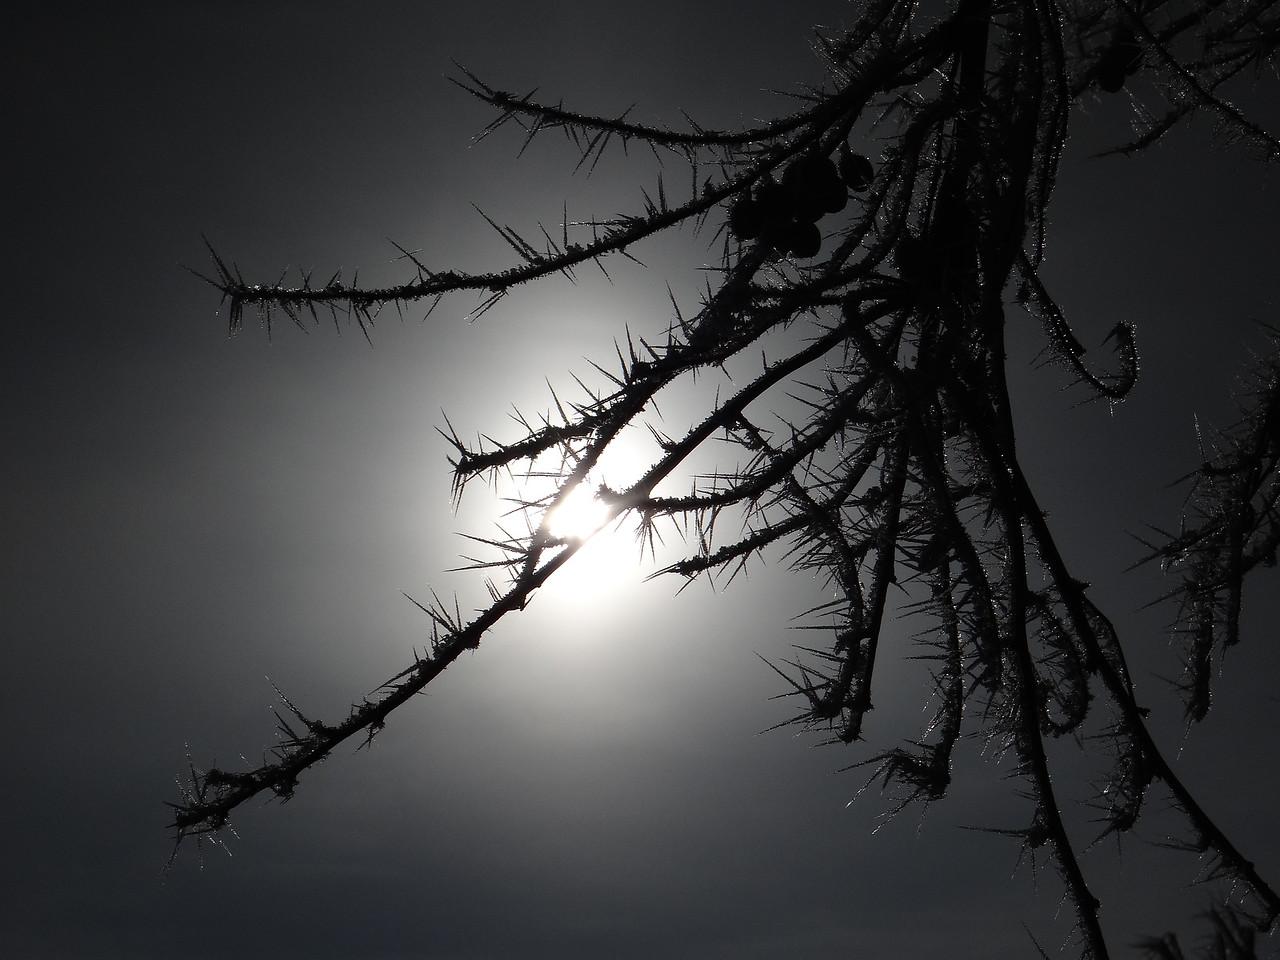 Backlit hoar frost needles